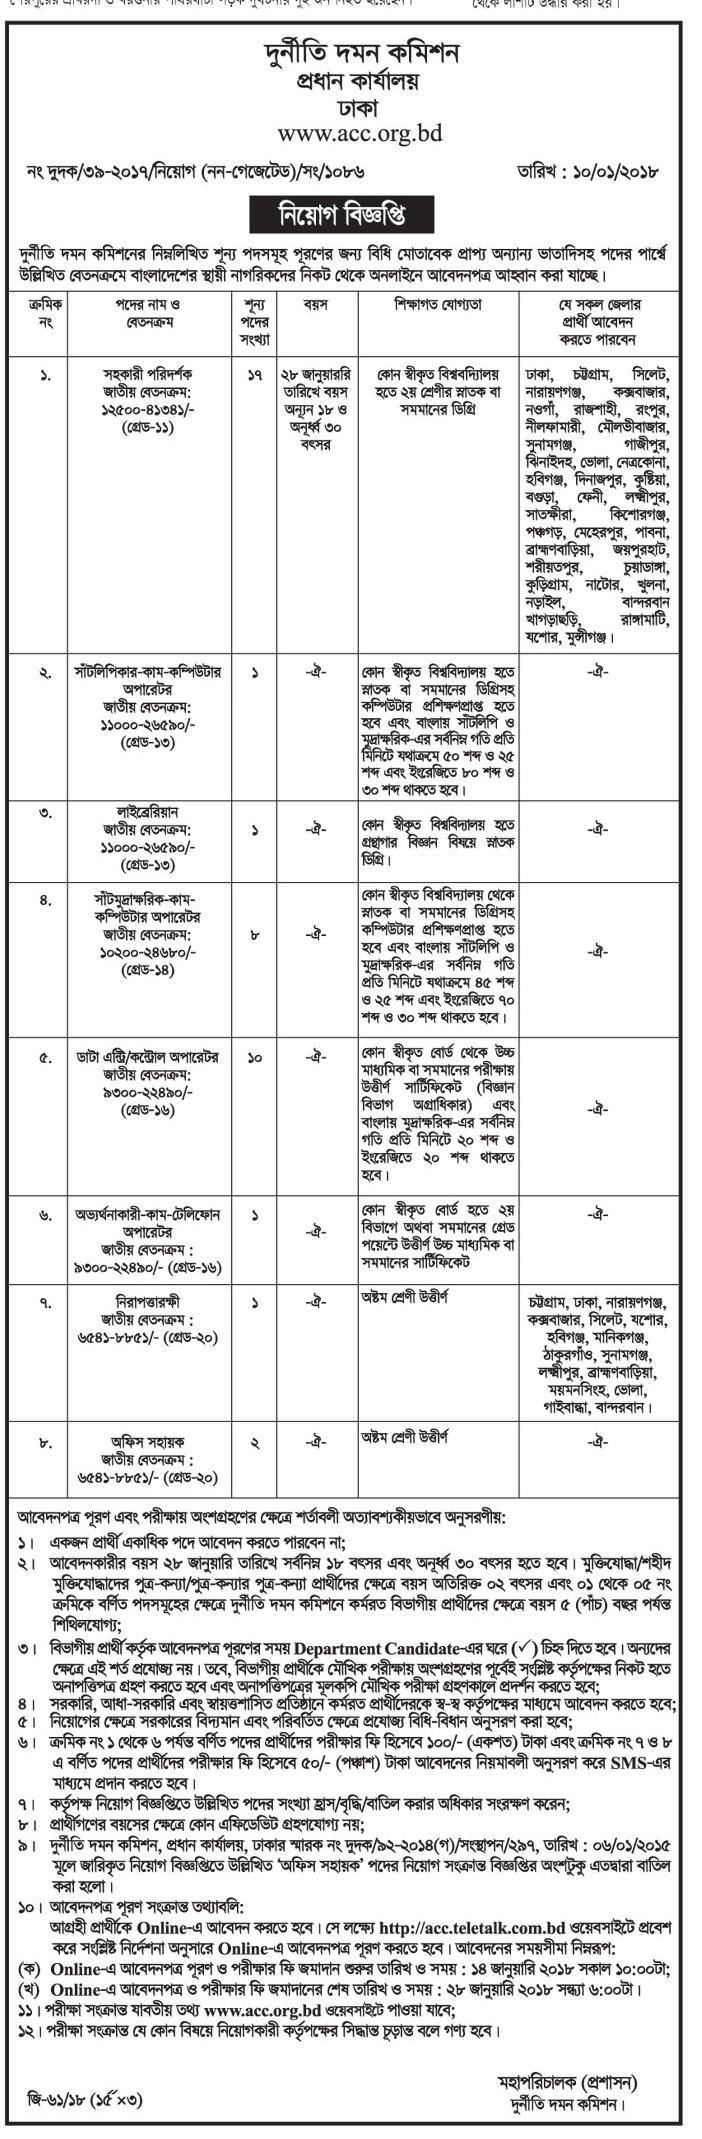 DUDOK 8 Post Job Circular 2018 | www.acc.teletalk.com.bd